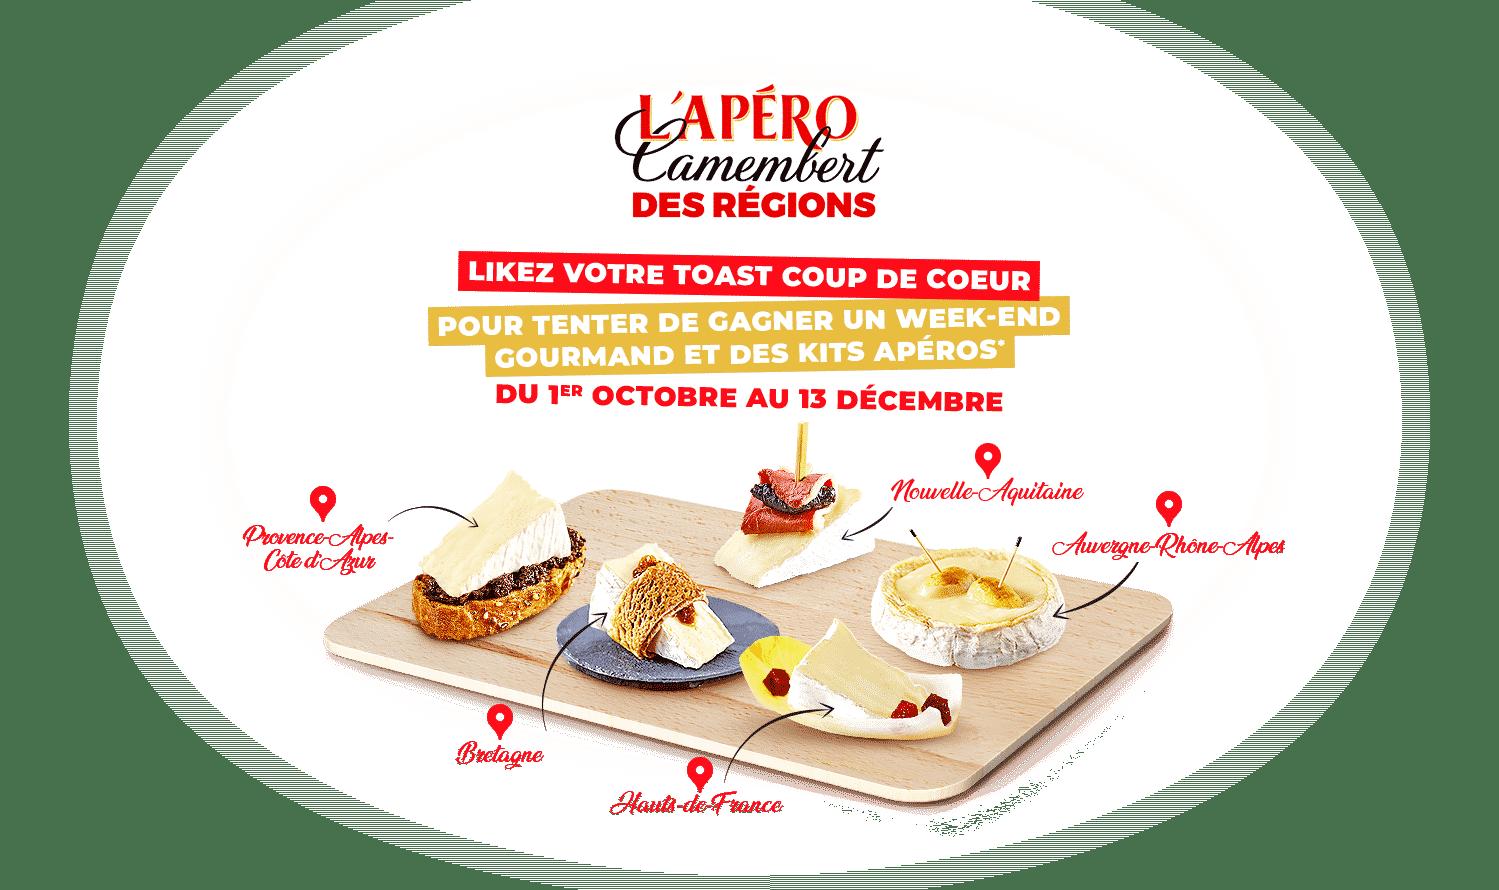 Jeu Apéro Camembert Président sur www.aperoCamembert.fr du 1er octobre au 13 décembre 2020